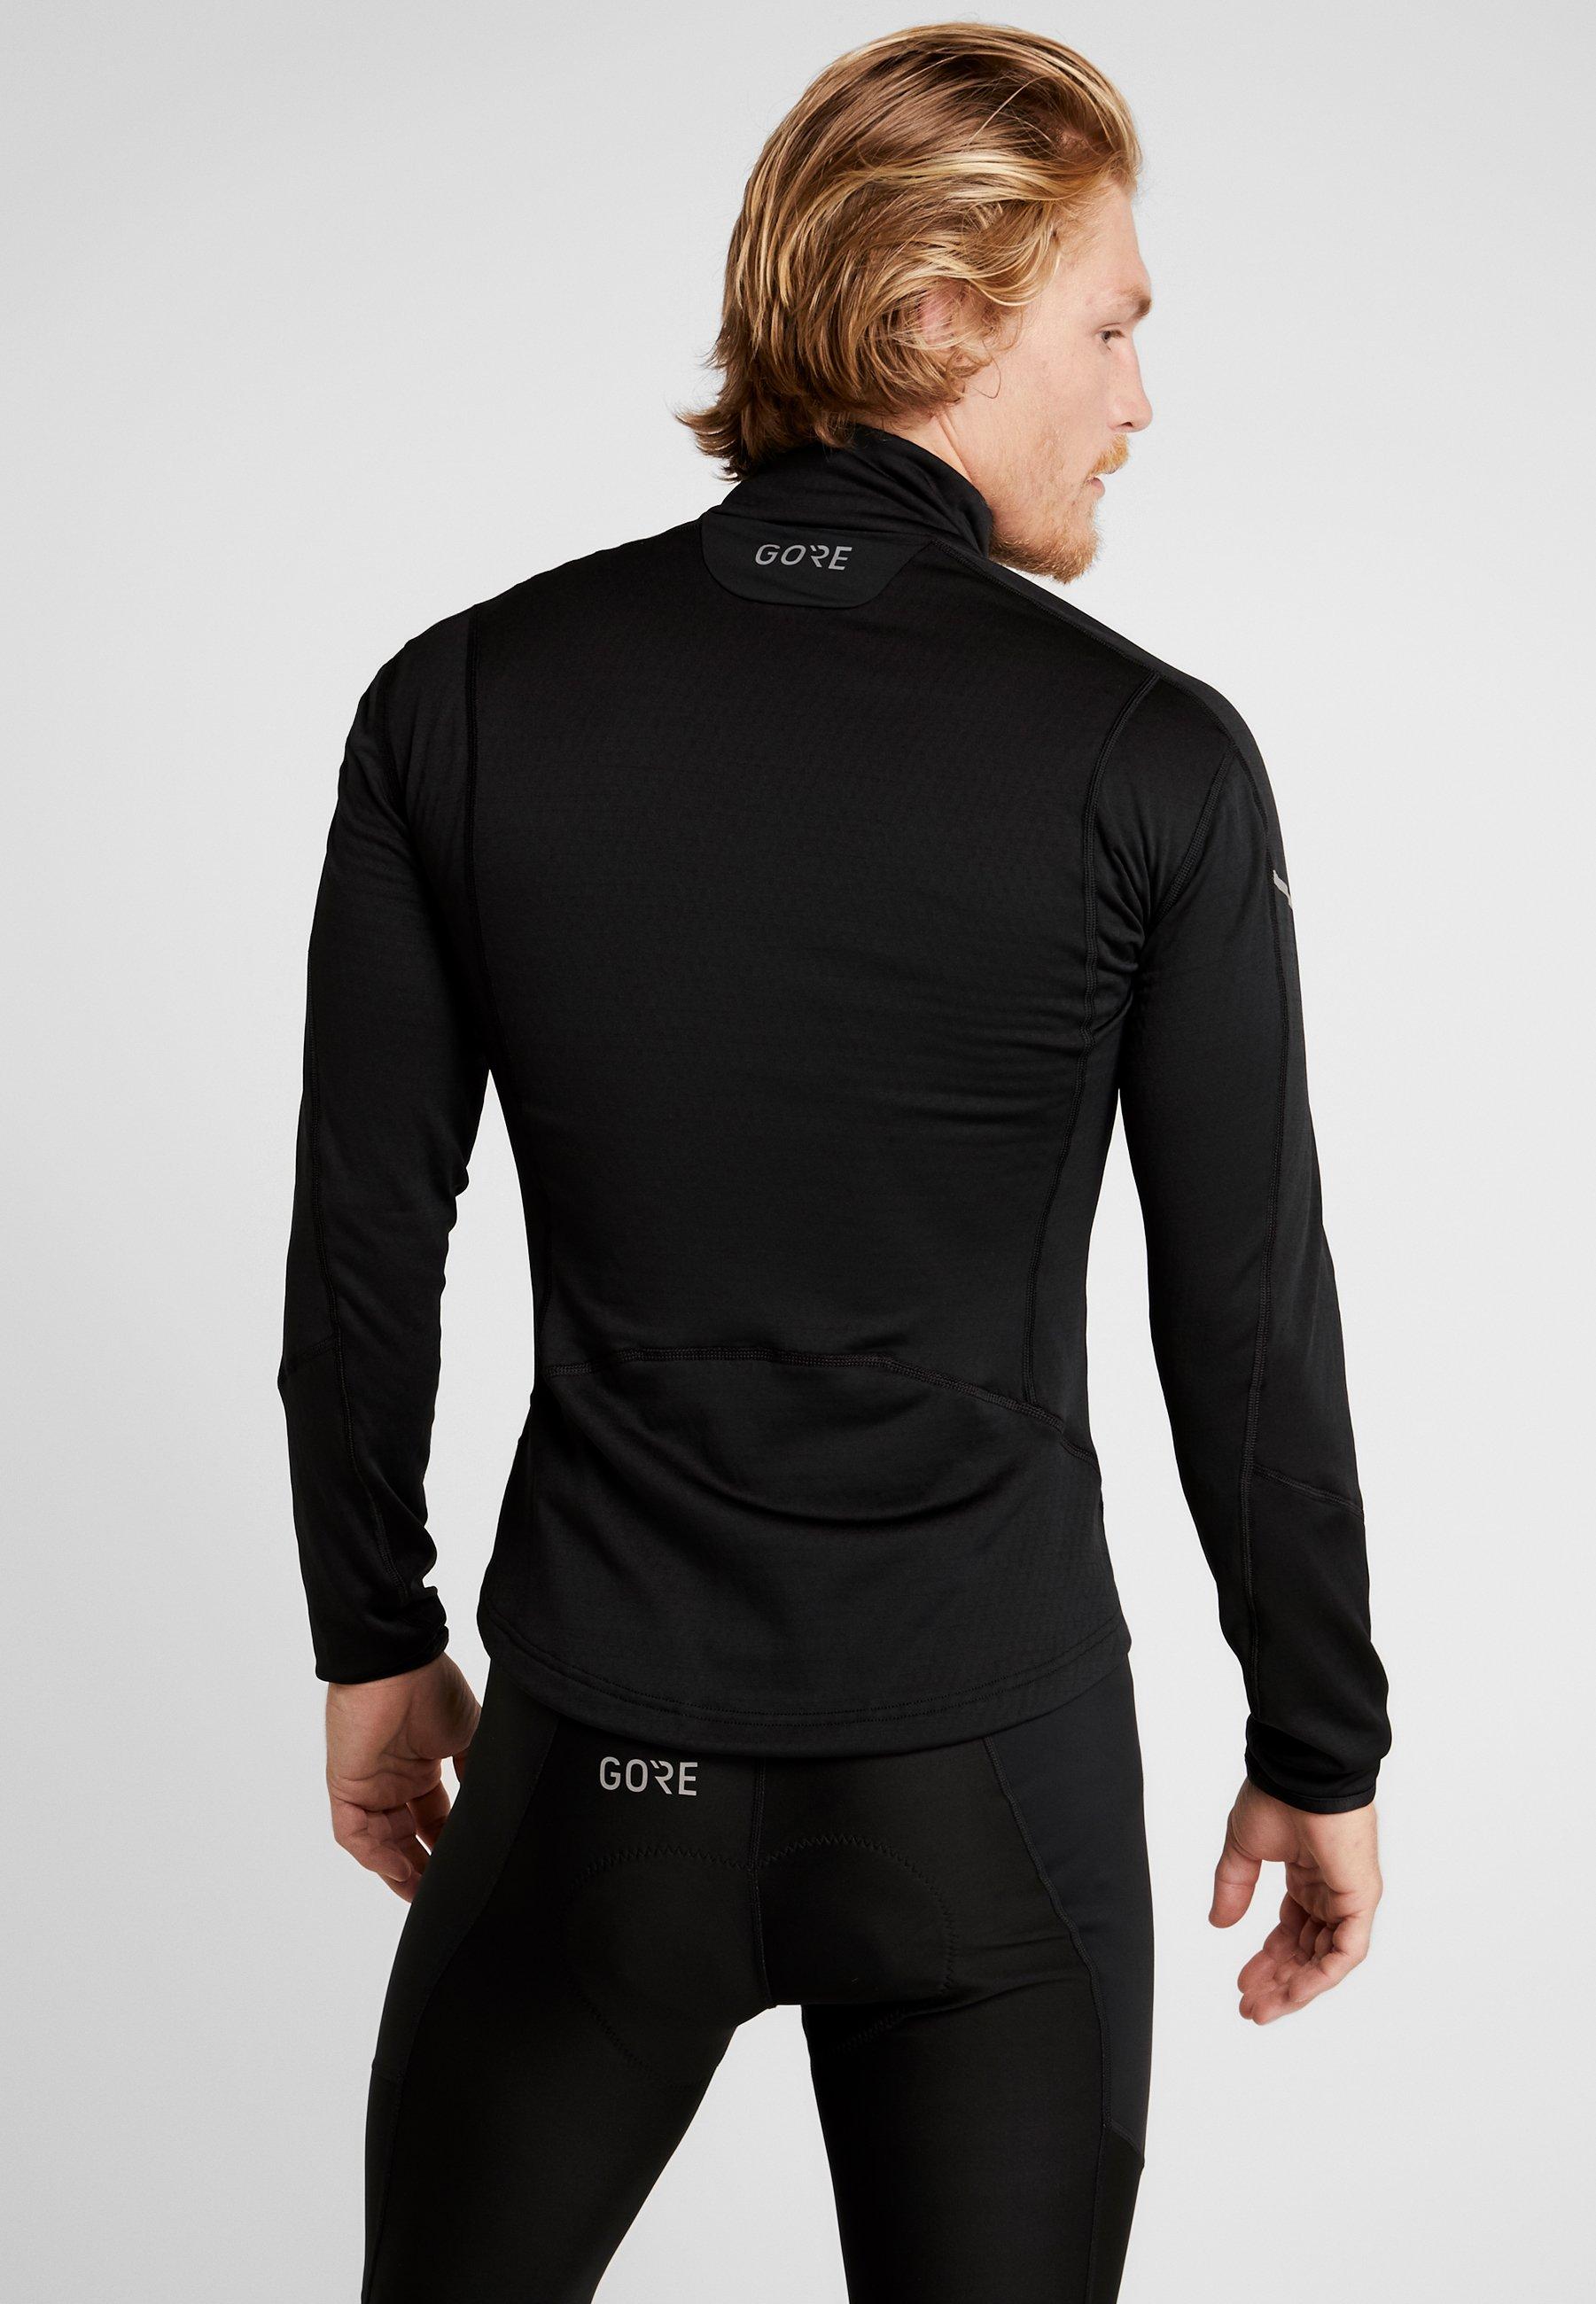 De Thermo ZipT Black Wear shirt Gore Sport WEH9Ie2DY